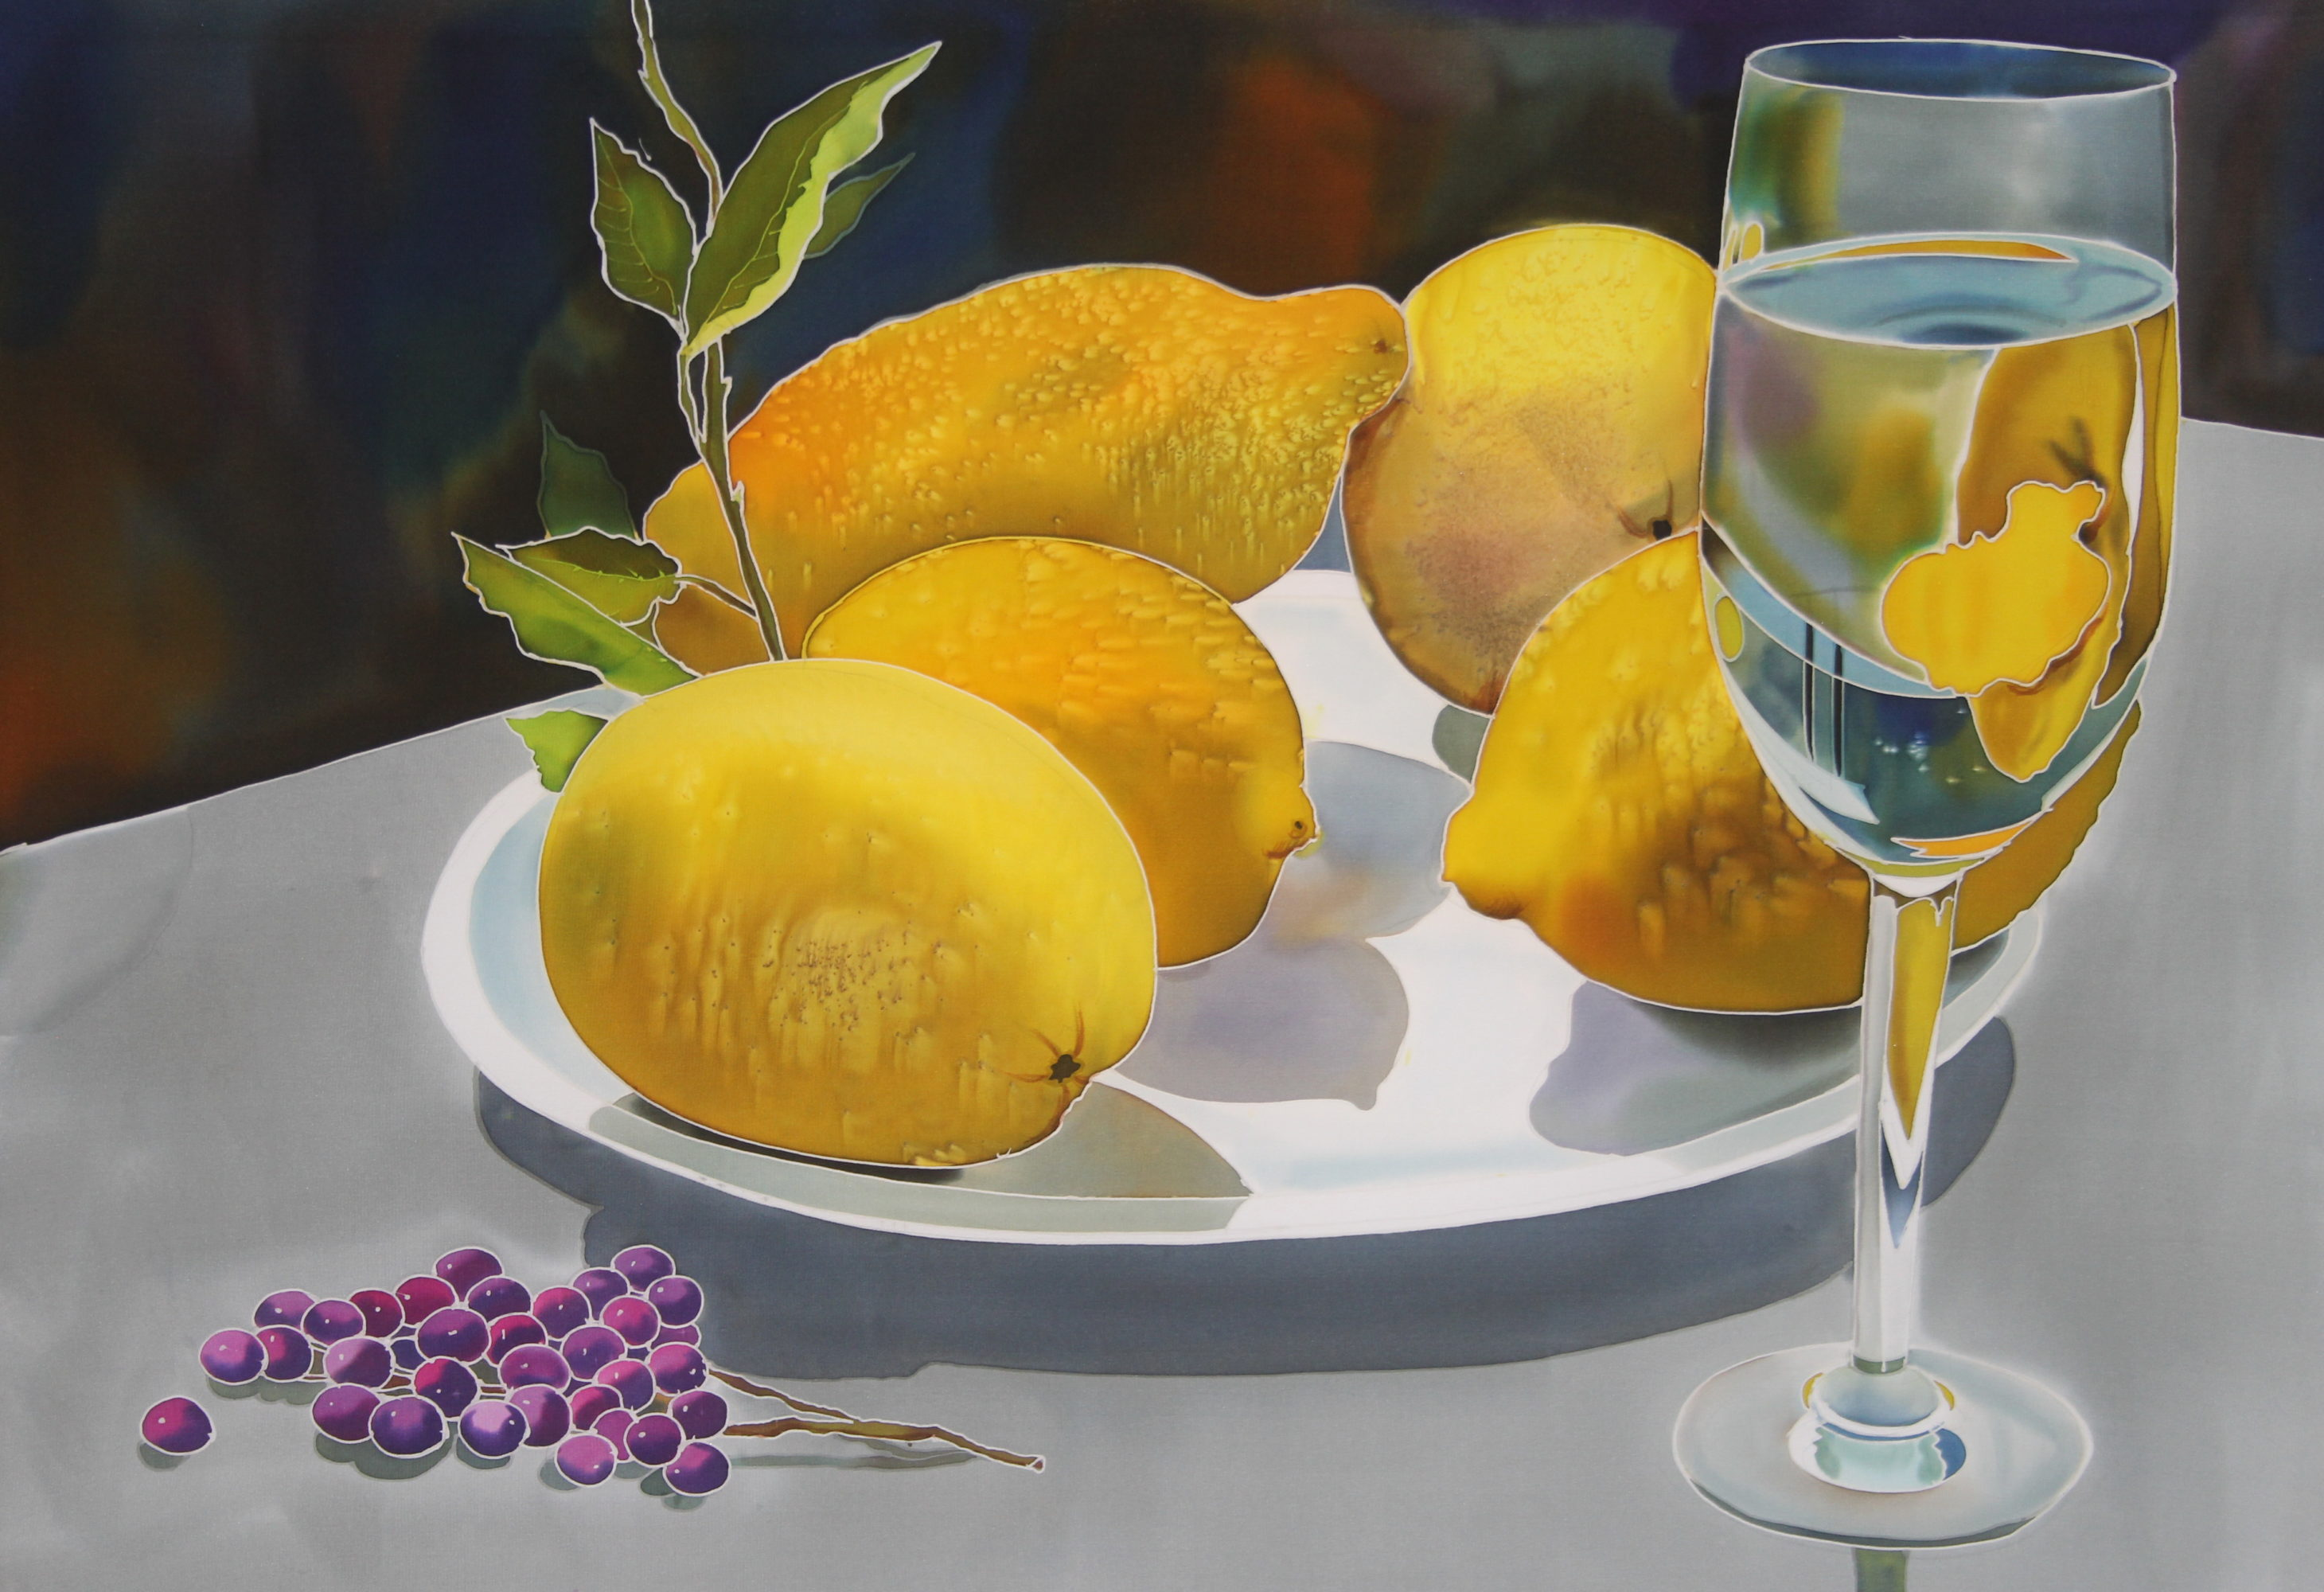 Amalfi Lemons